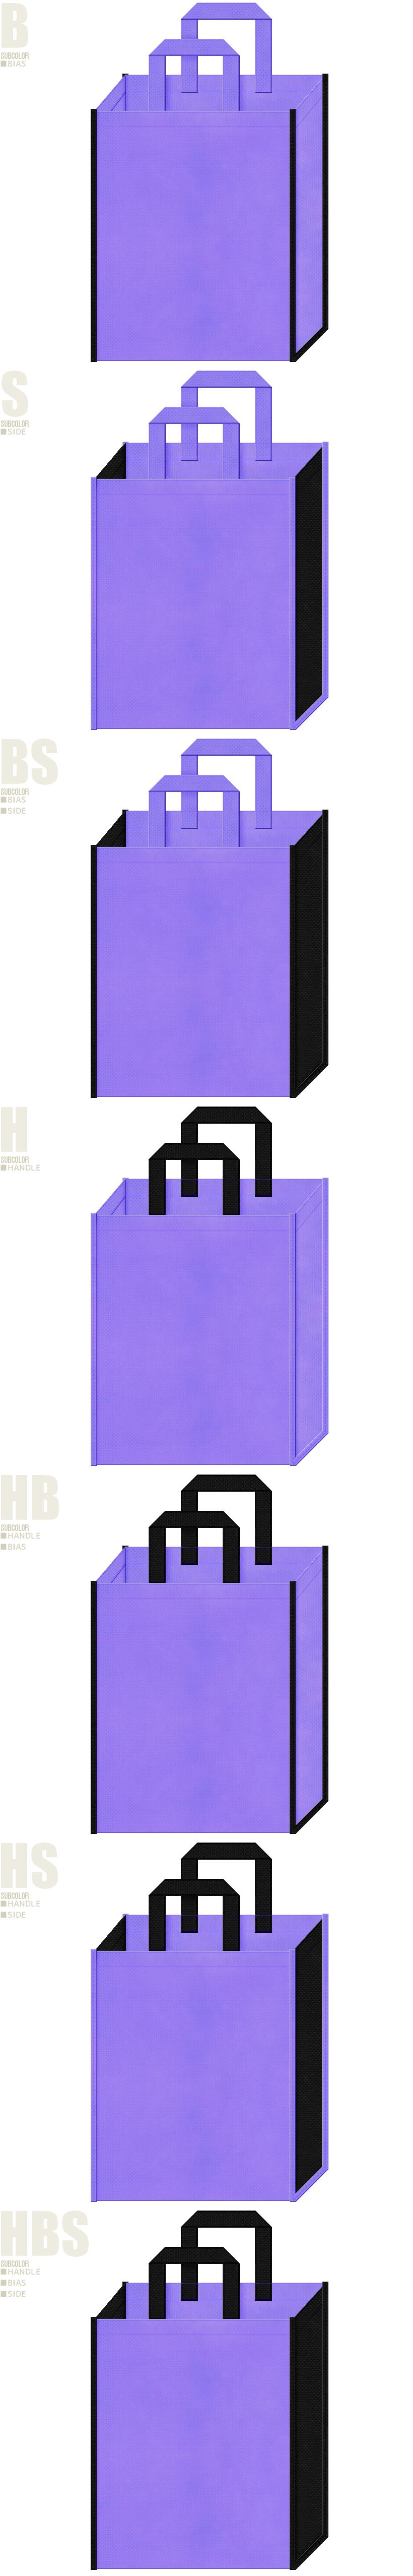 和傘・魔女・魔法使い・水晶・占い・伝説・神話・ヘアケア・ハロウィン・ウィッグ・コスプレイベントにお奨めの不織布バッグデザイン:薄紫色と黒色の配色7パターン